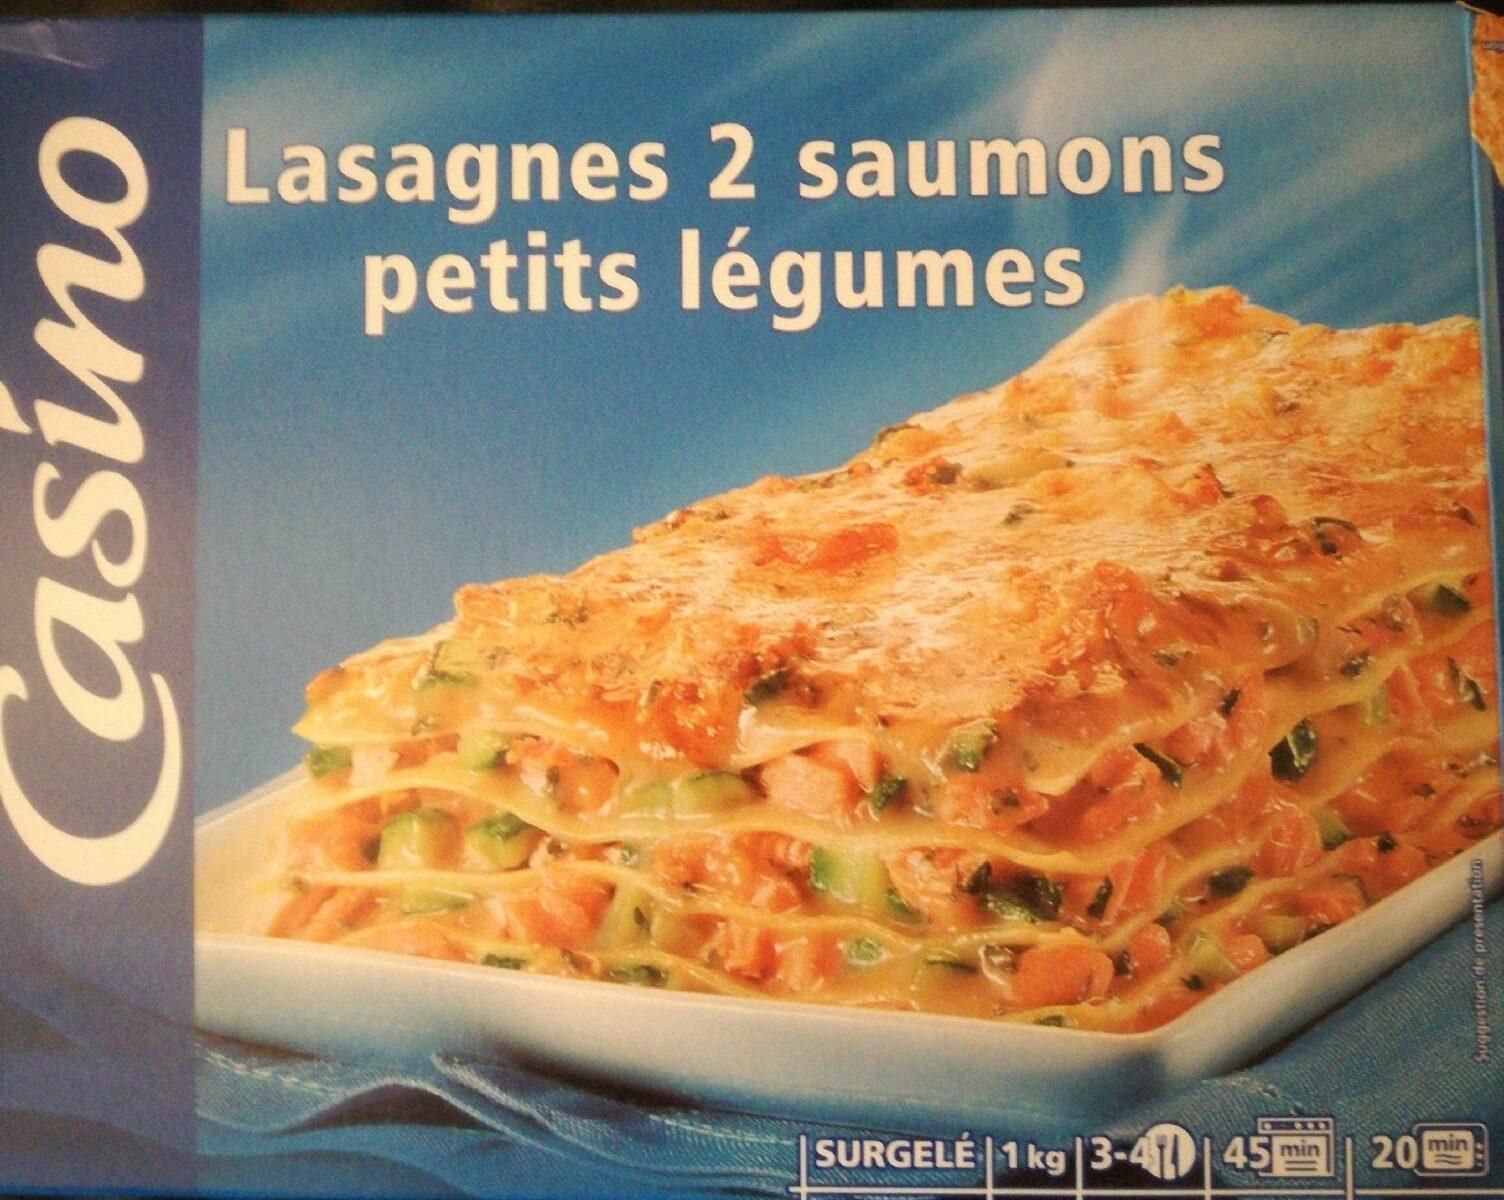 Lasagnes 2 saumons petits légumes - Product - fr